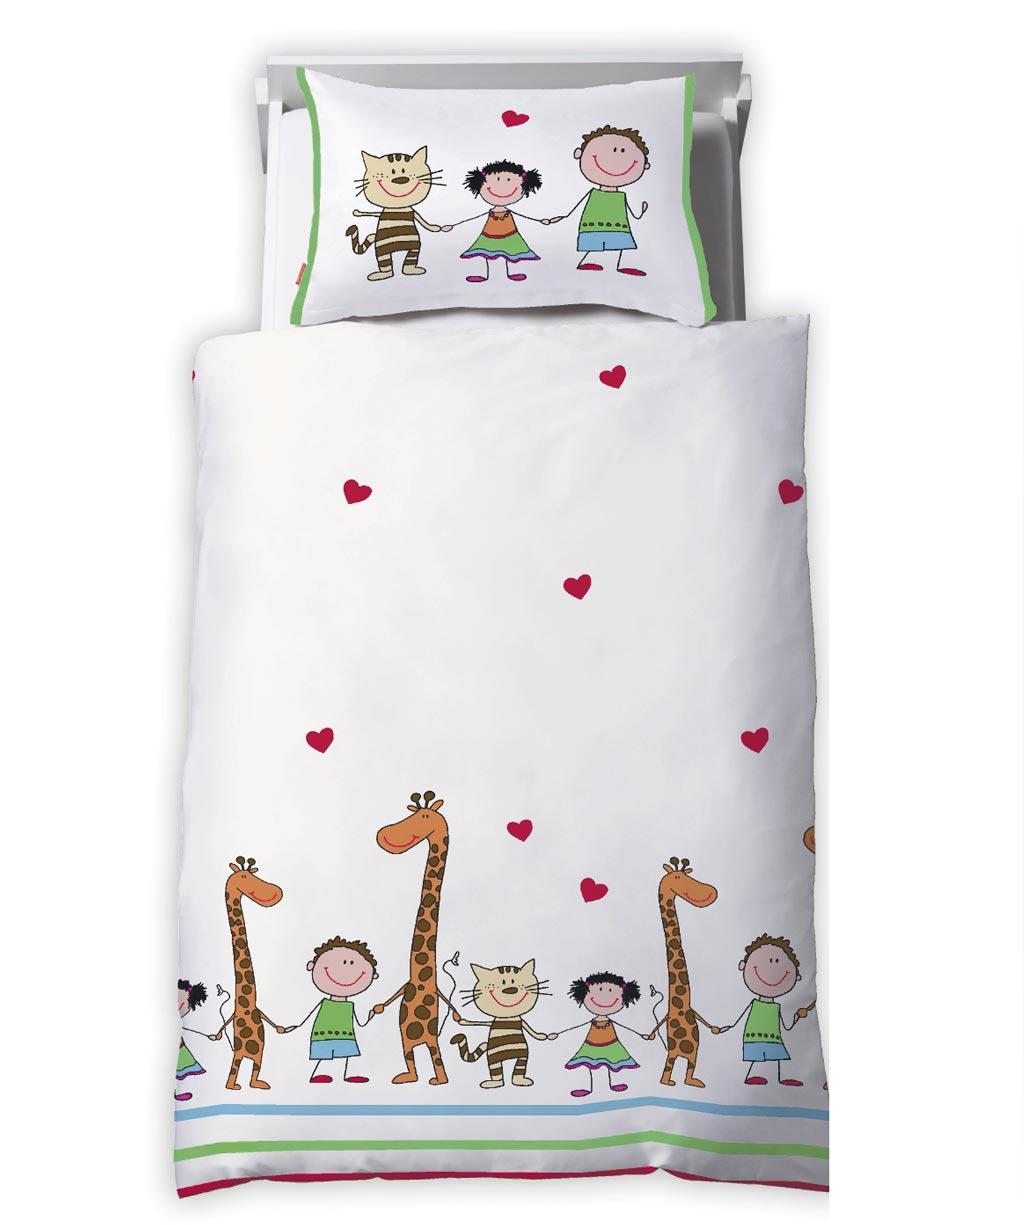 Süße Kinderbettwäsche für Mädchen und Buben mit Tieren